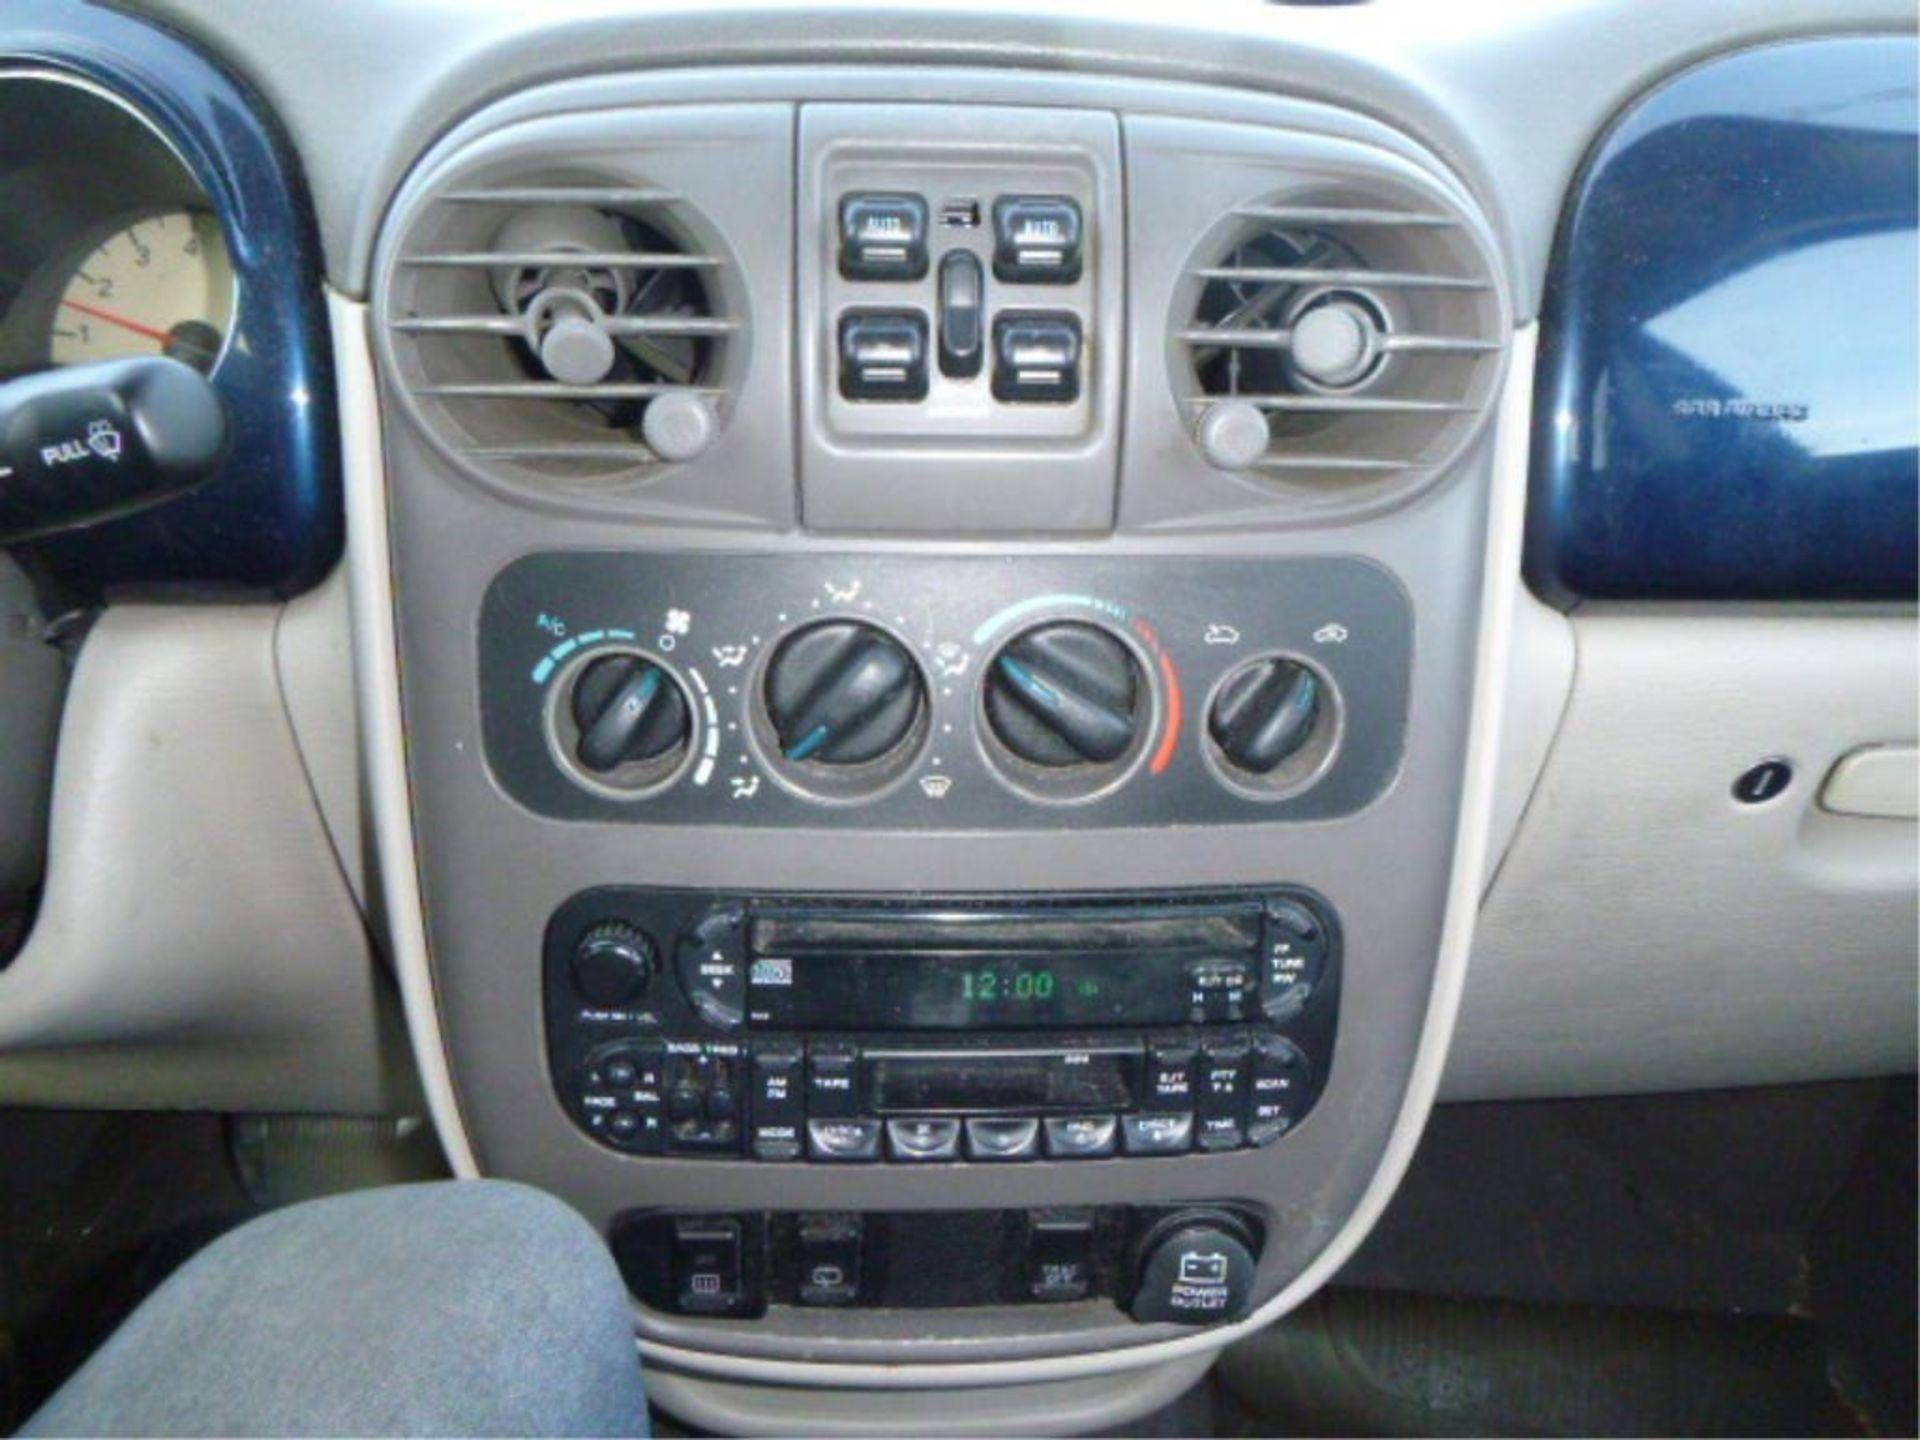 2002 Chrysler PT Cruiser - Image 14 of 14